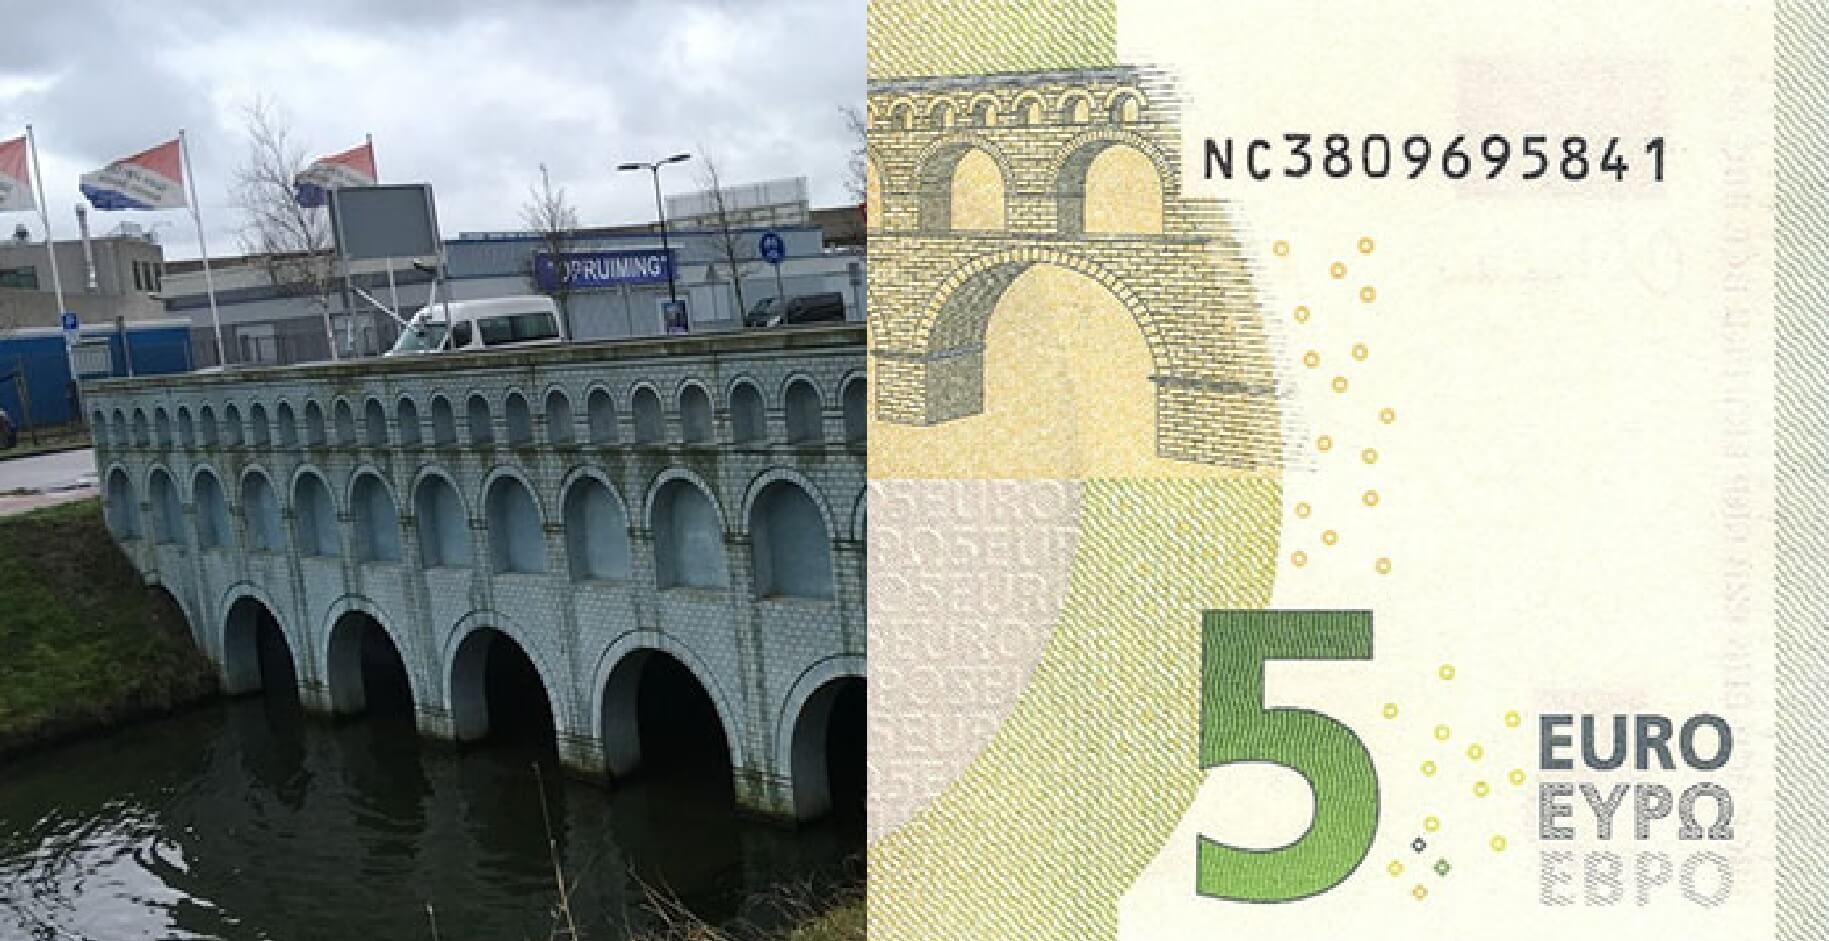 Robin Stam hat die Brücken von den Euro-Scheinen nachgebaut